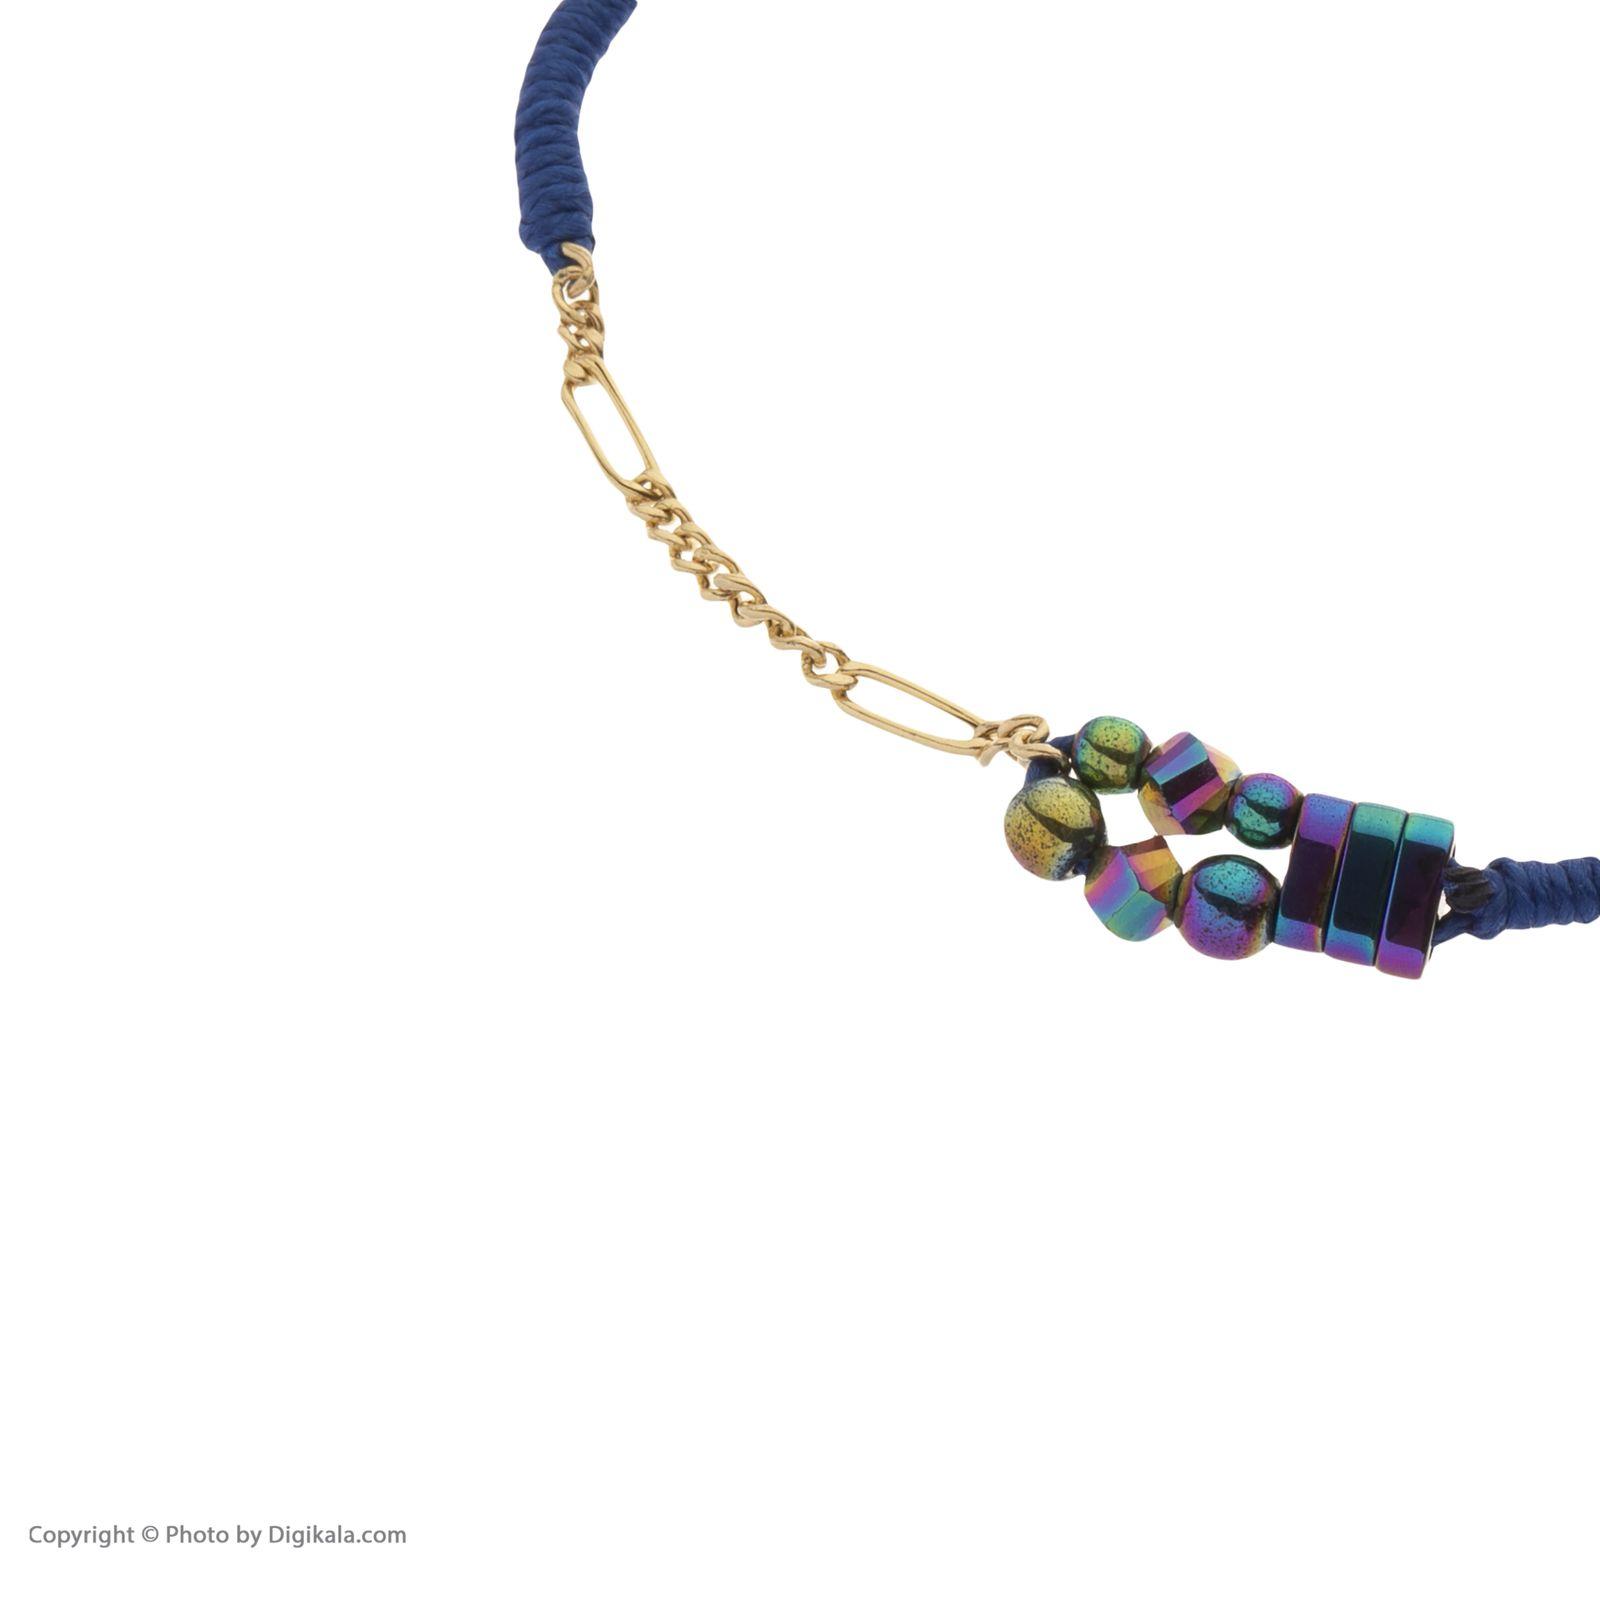 دستبند طلا زنانه سنجاق مدل x094287 -  - 4